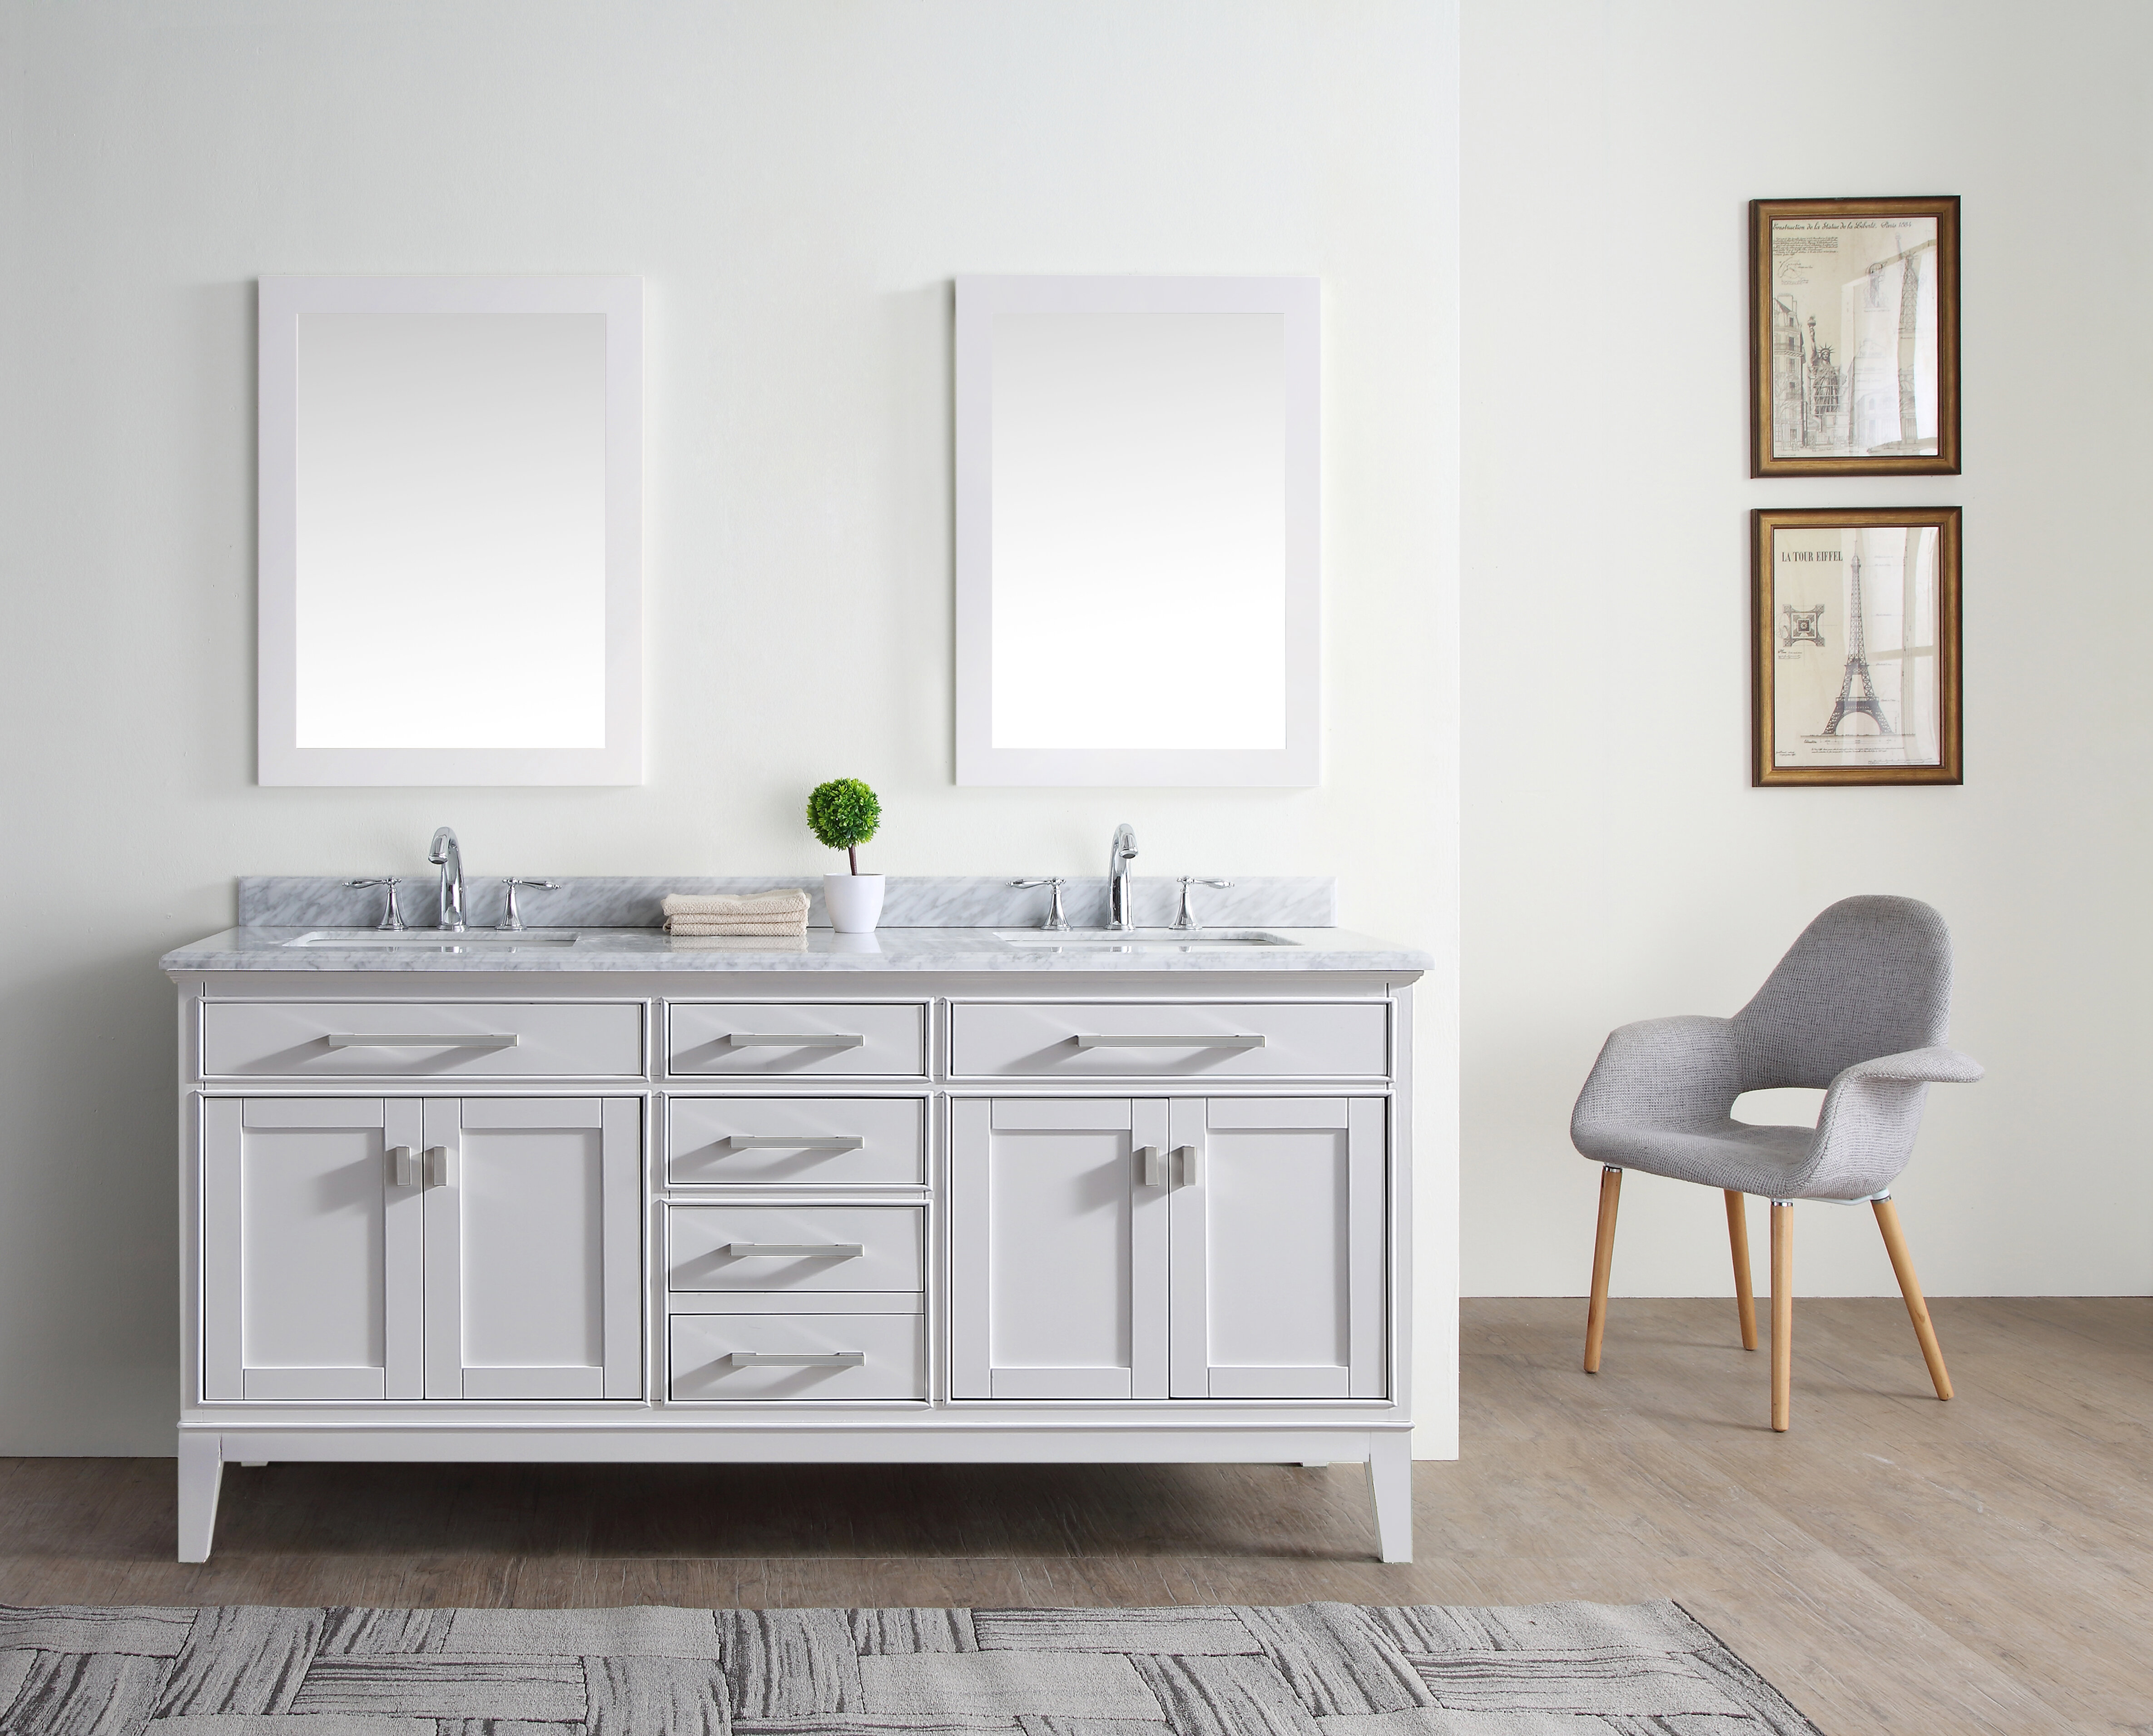 4 Drawer Coastal Bathroom Vanities You Ll Love In 2021 Wayfair